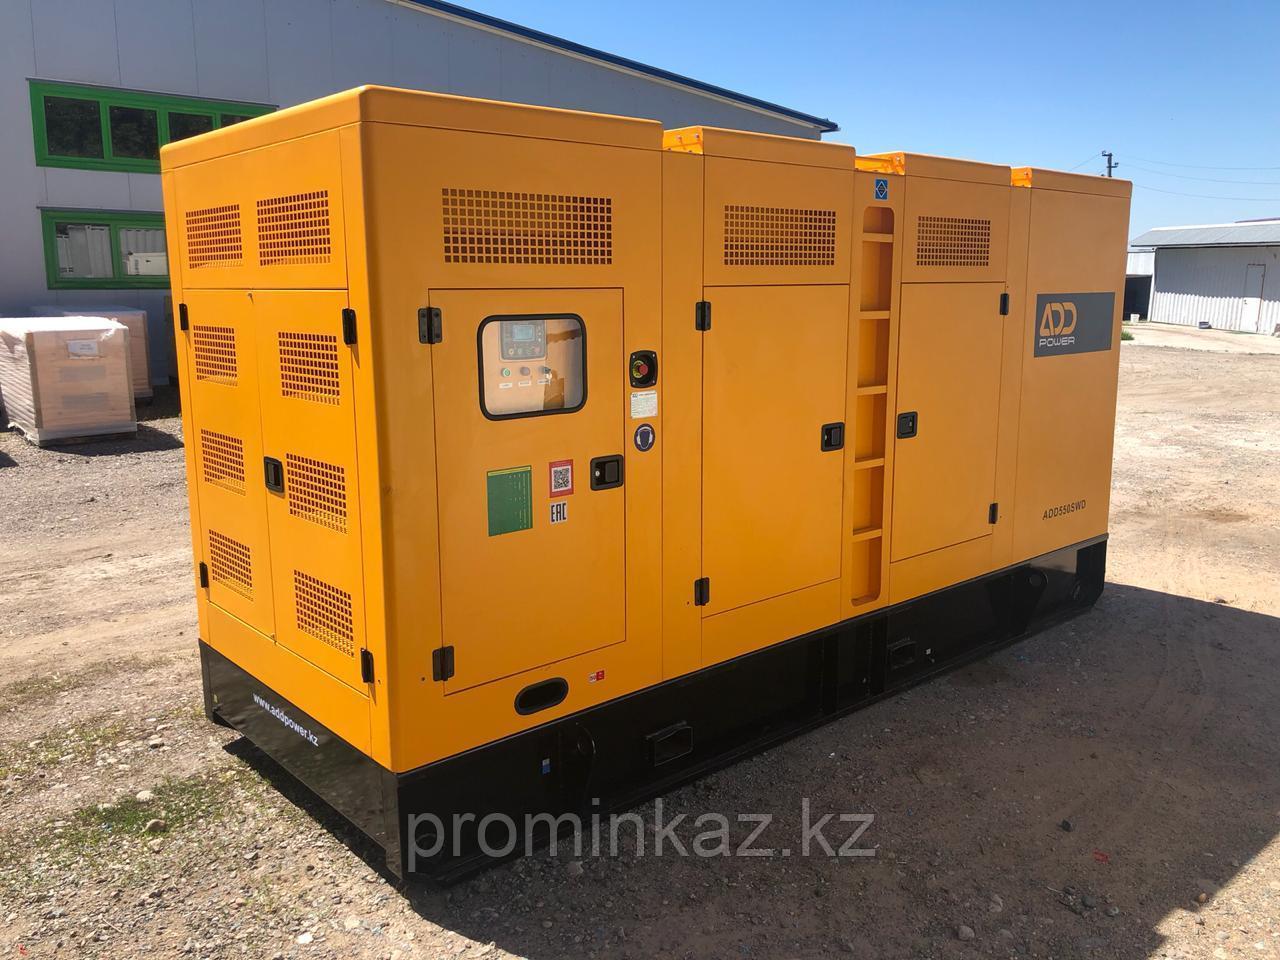 Дизельный генератор ADD550L POWER - 440 кВт с АВР